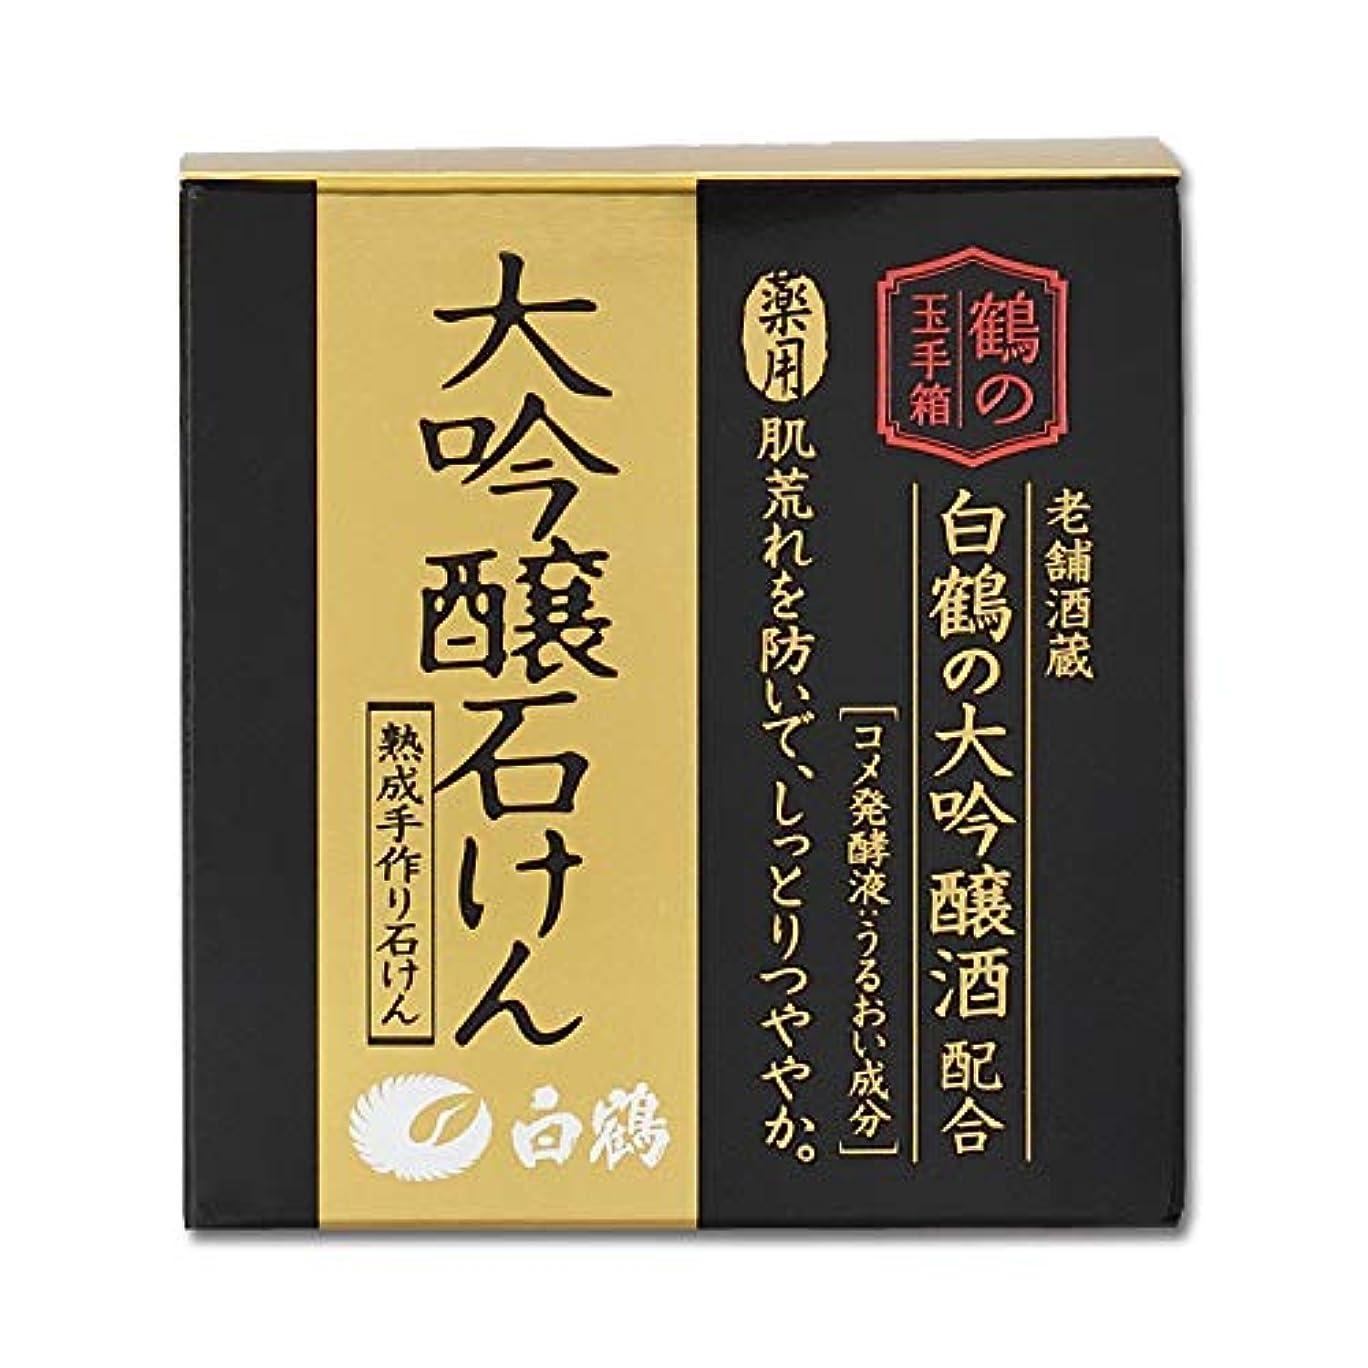 リハーサル急勾配のピル白鶴 鶴の玉手箱 薬用 大吟醸石けん 100g (医薬部外品)